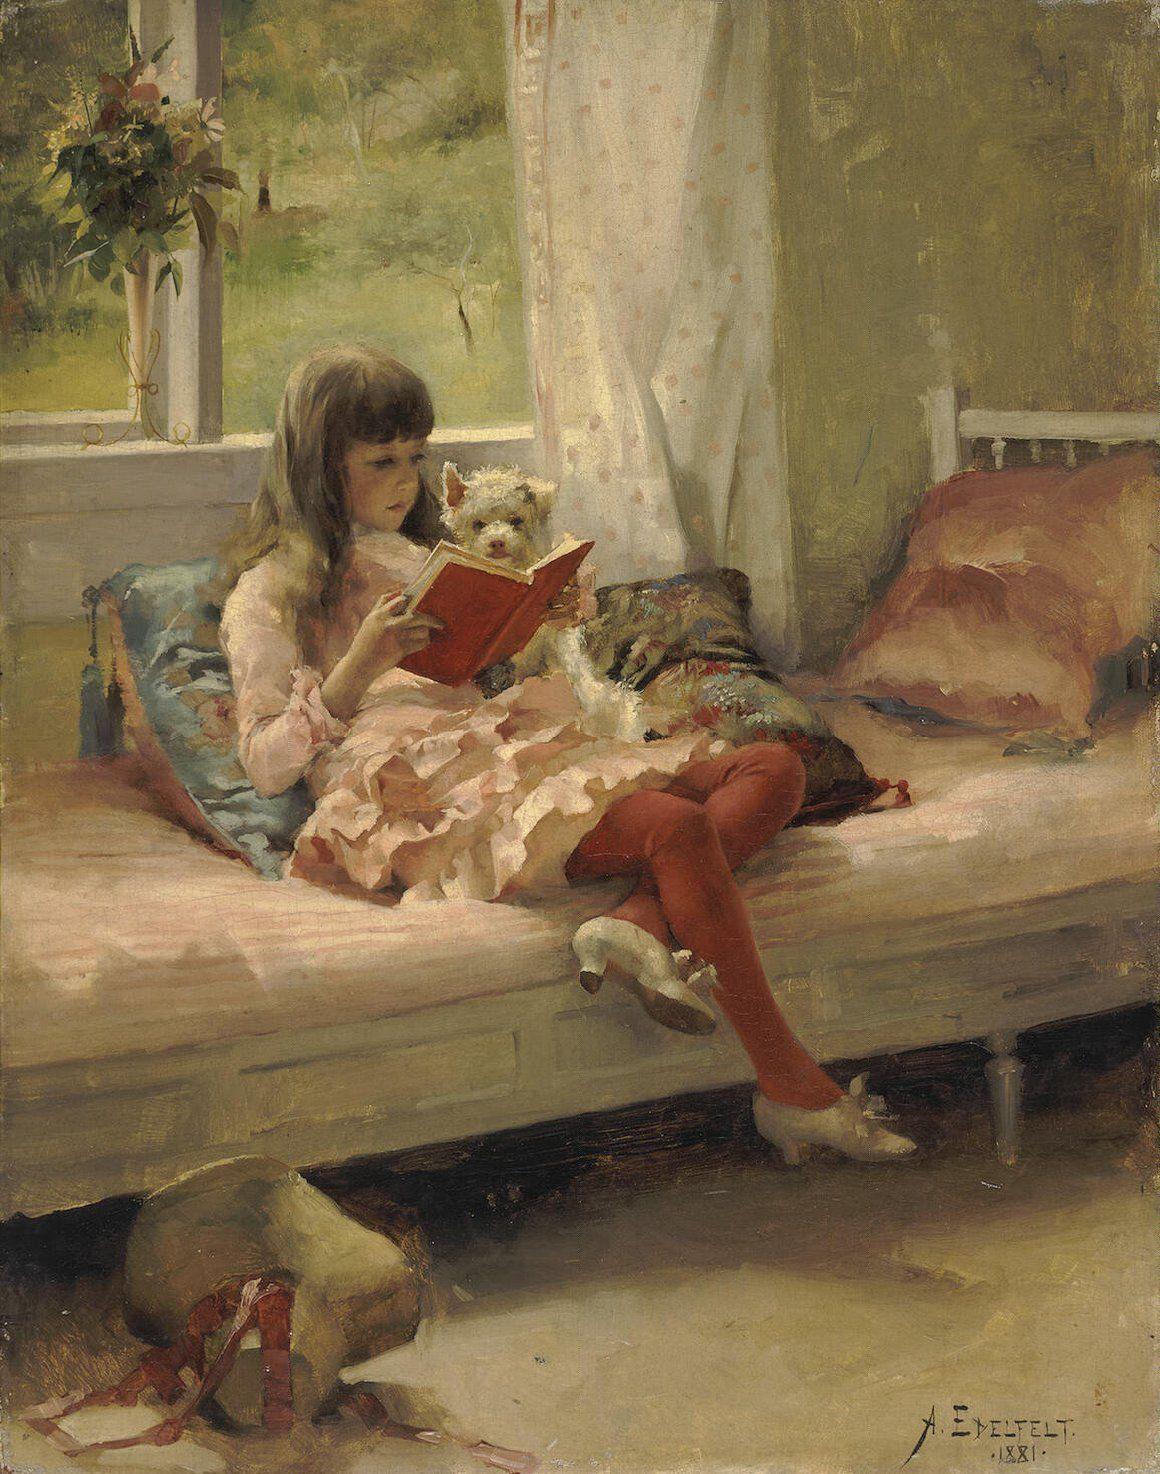 """Albert Edelfelt, """"Hyviä Ystäviä"""" (""""Good Friends - Portrait of the Artist's Sister Bertha Edelfelt"""")"""